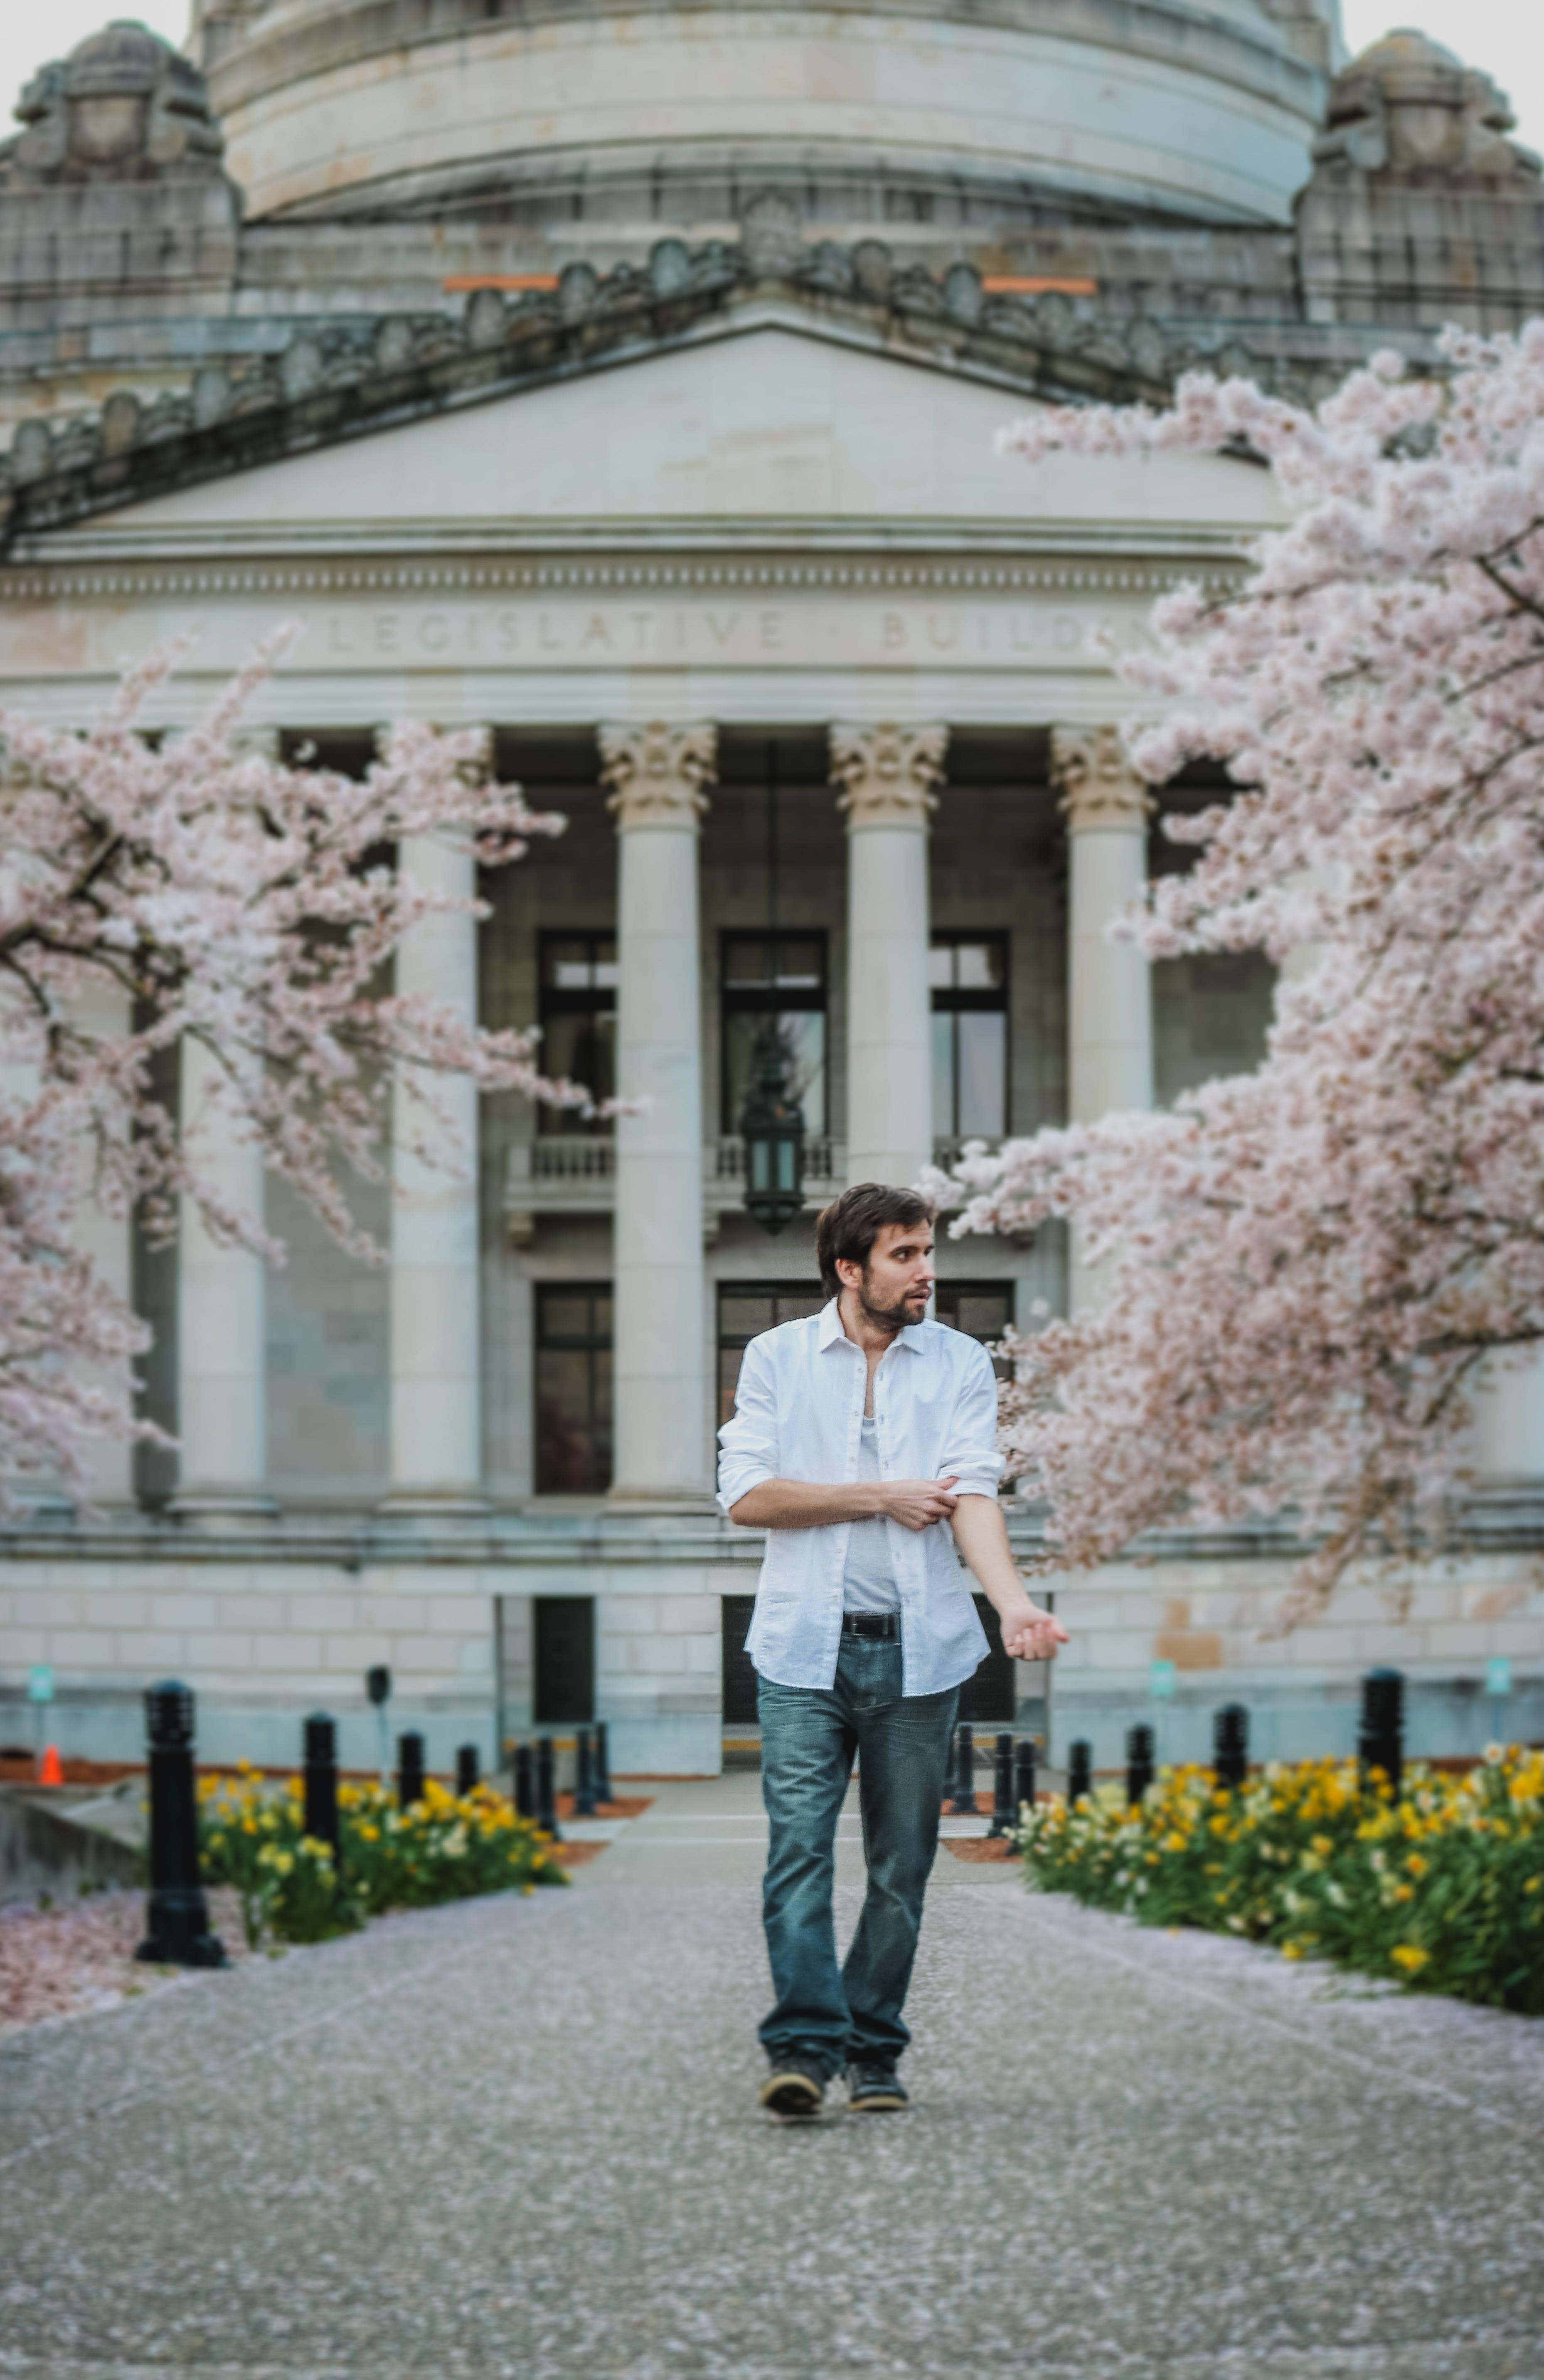 Fotos de stock gratuitas de adulto, arboles, arquitectura, blanco